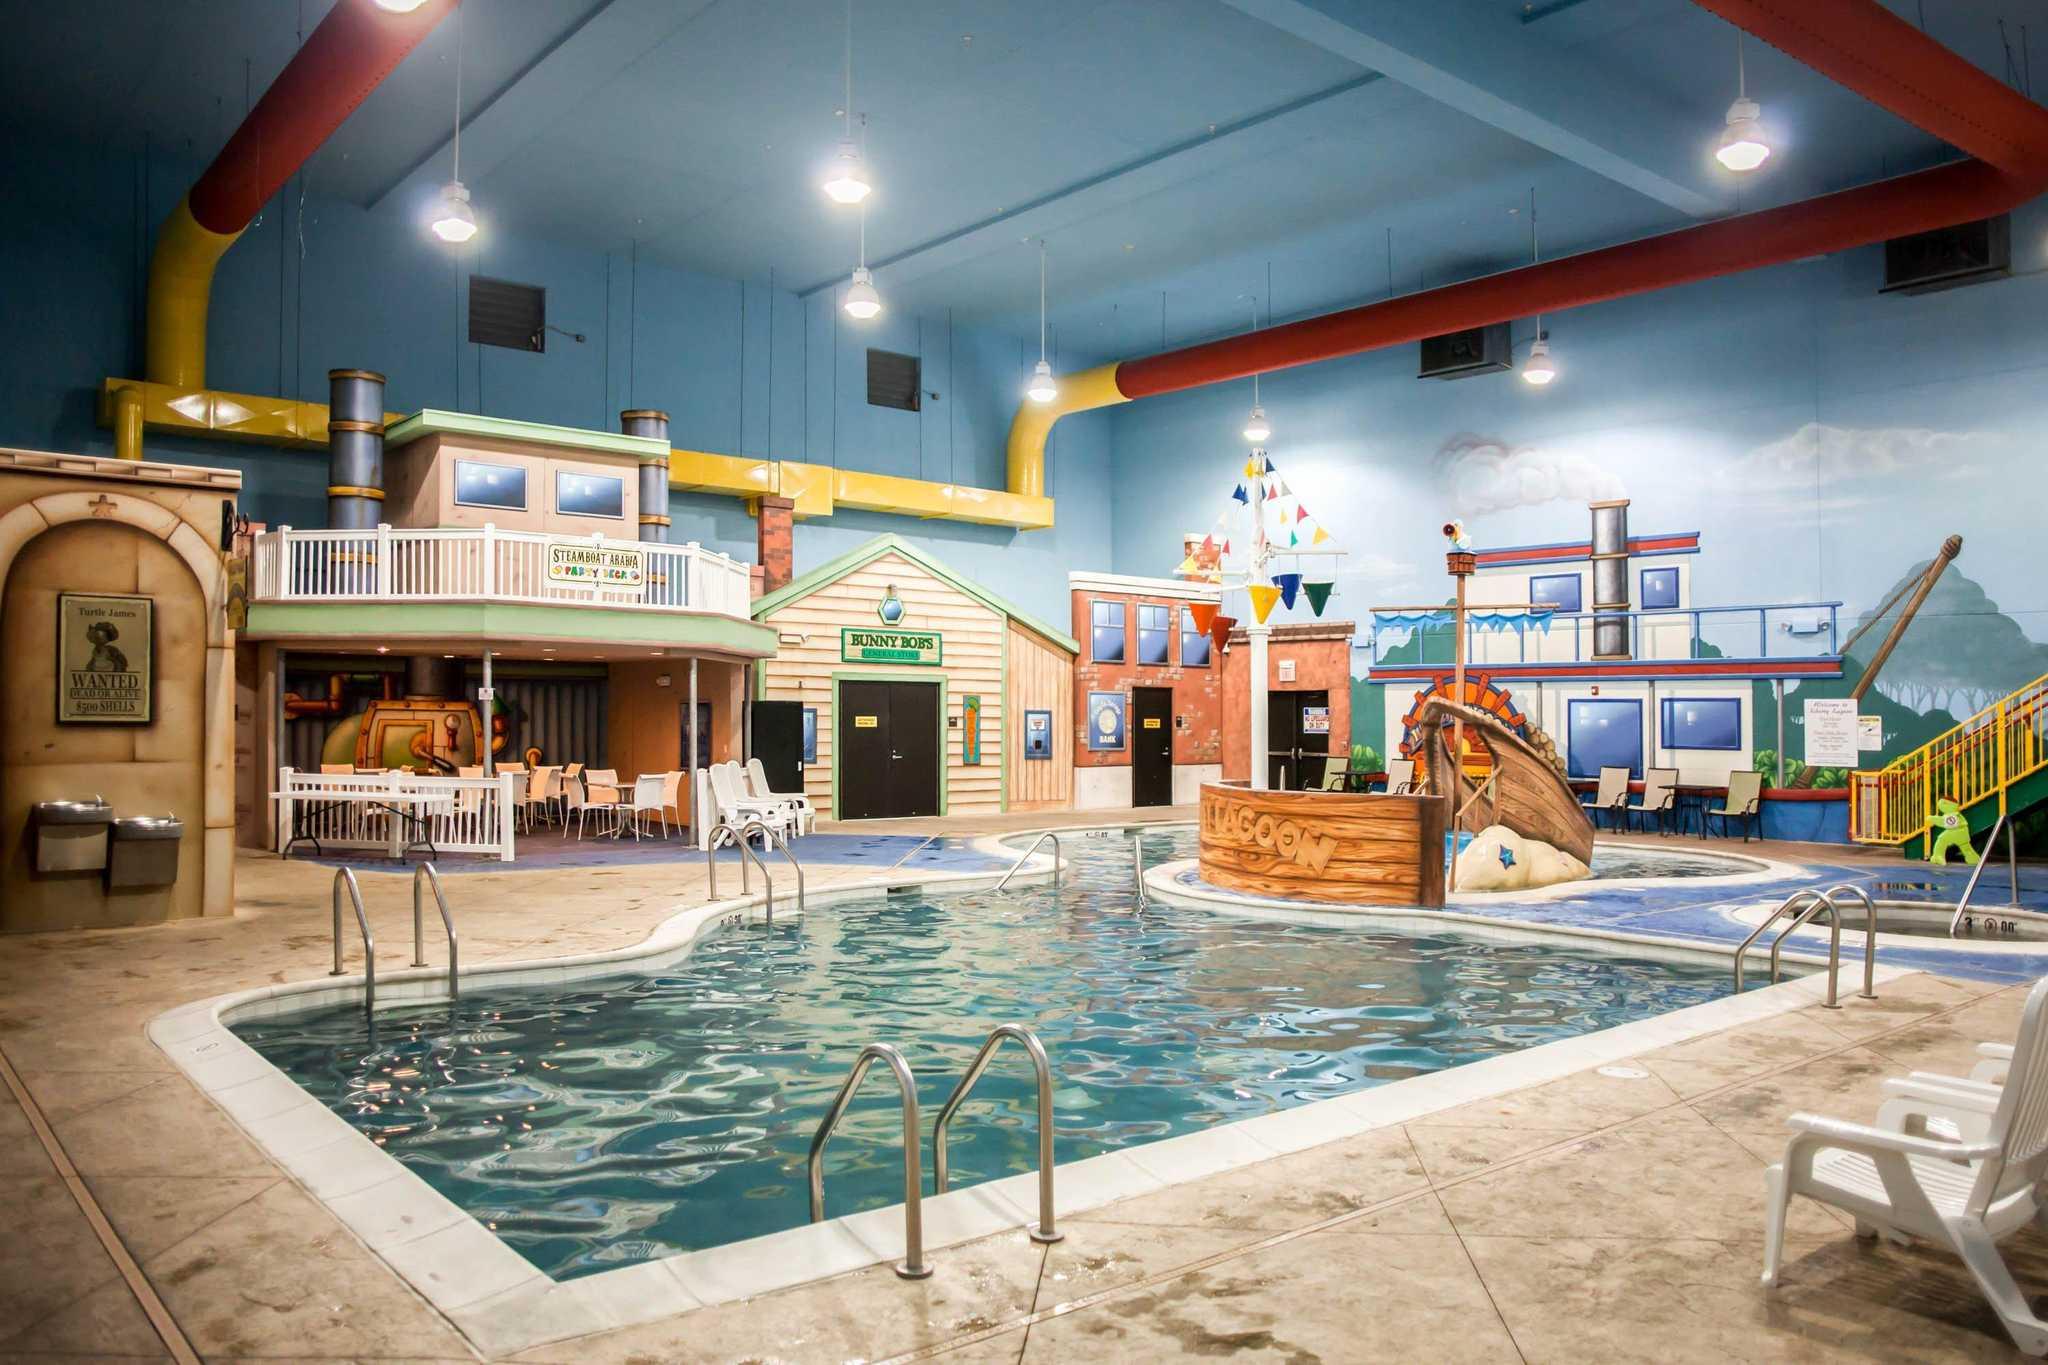 Water Park Hotel St Louis Missouri